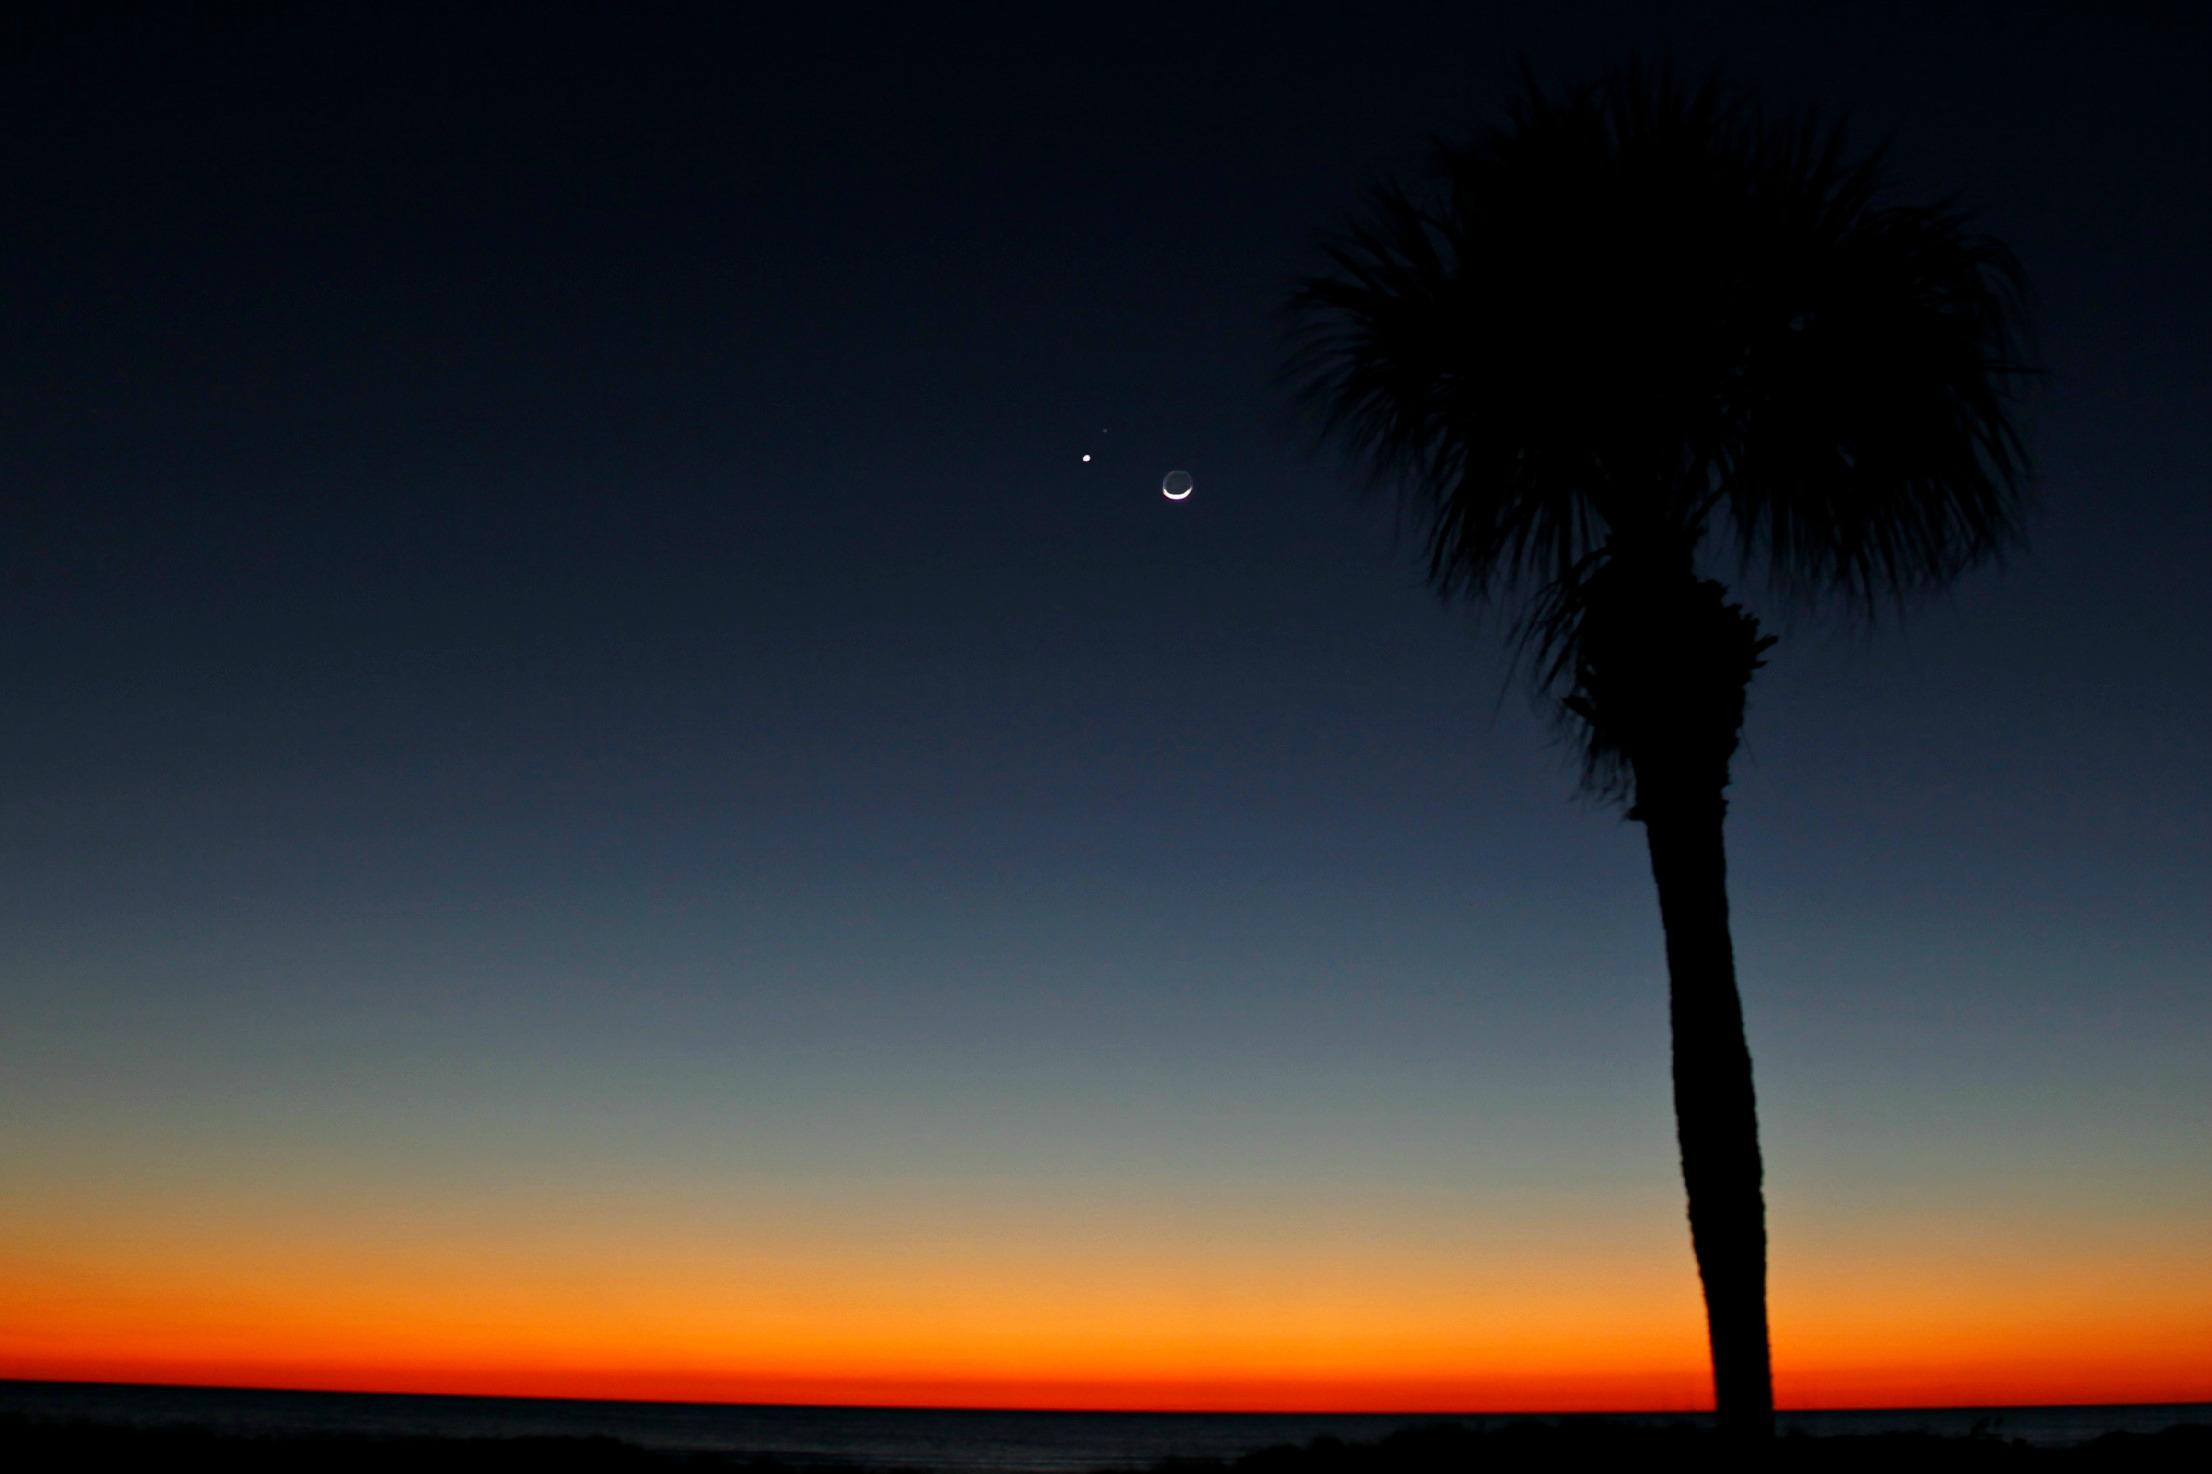 sunset moon xx